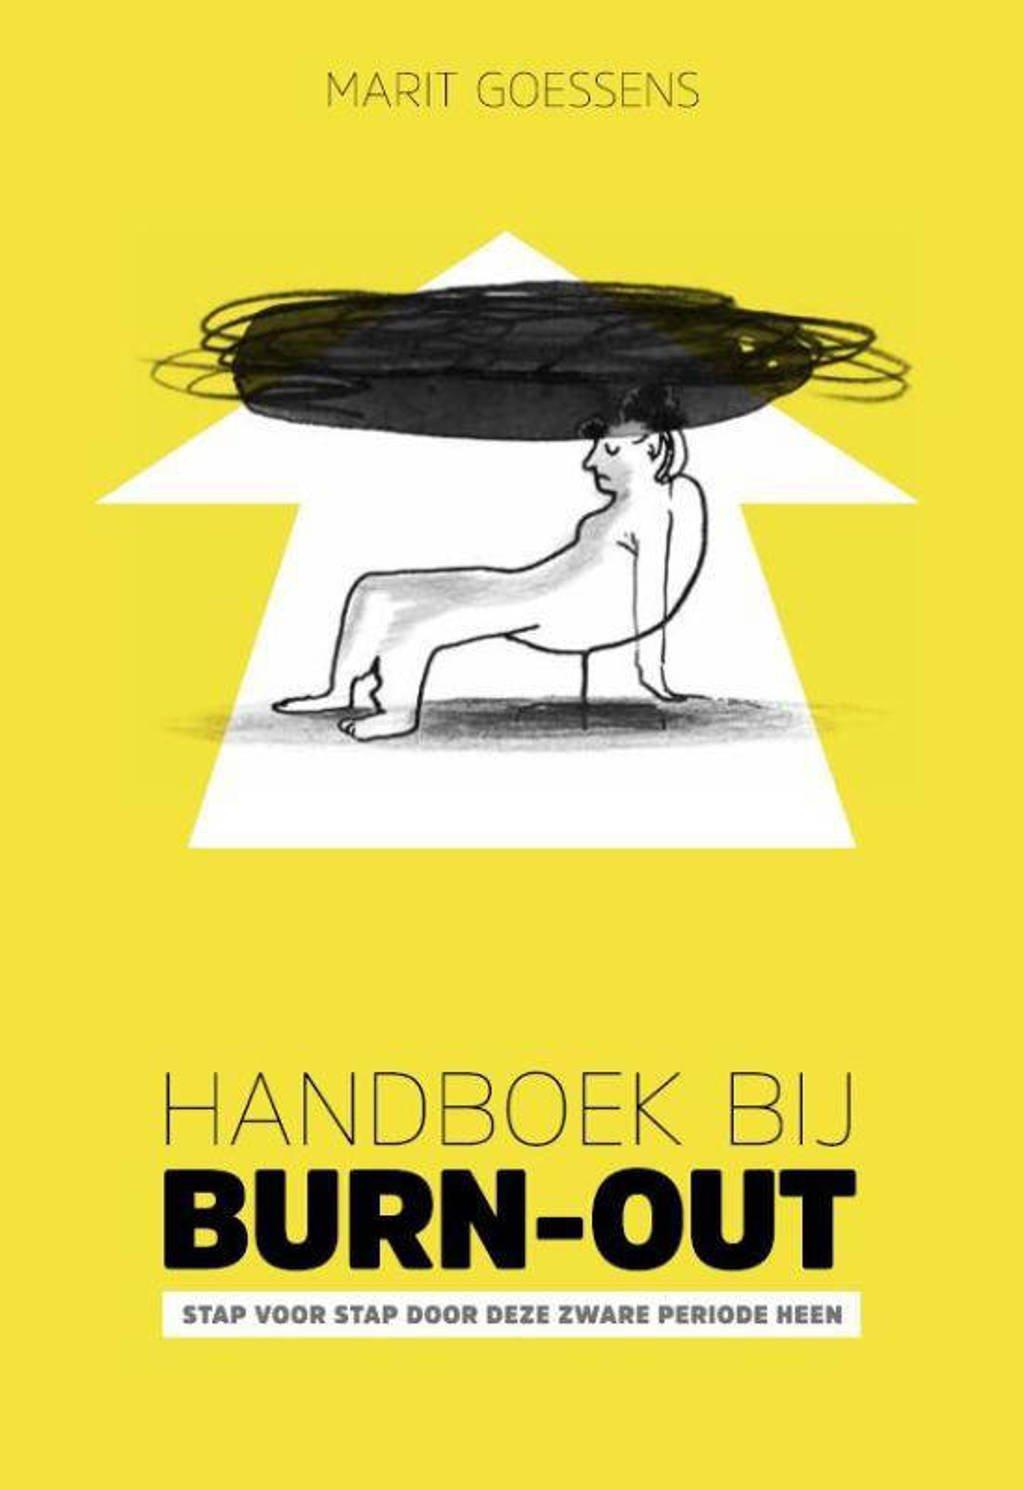 Handboek bij burn-out - Marit Goessens